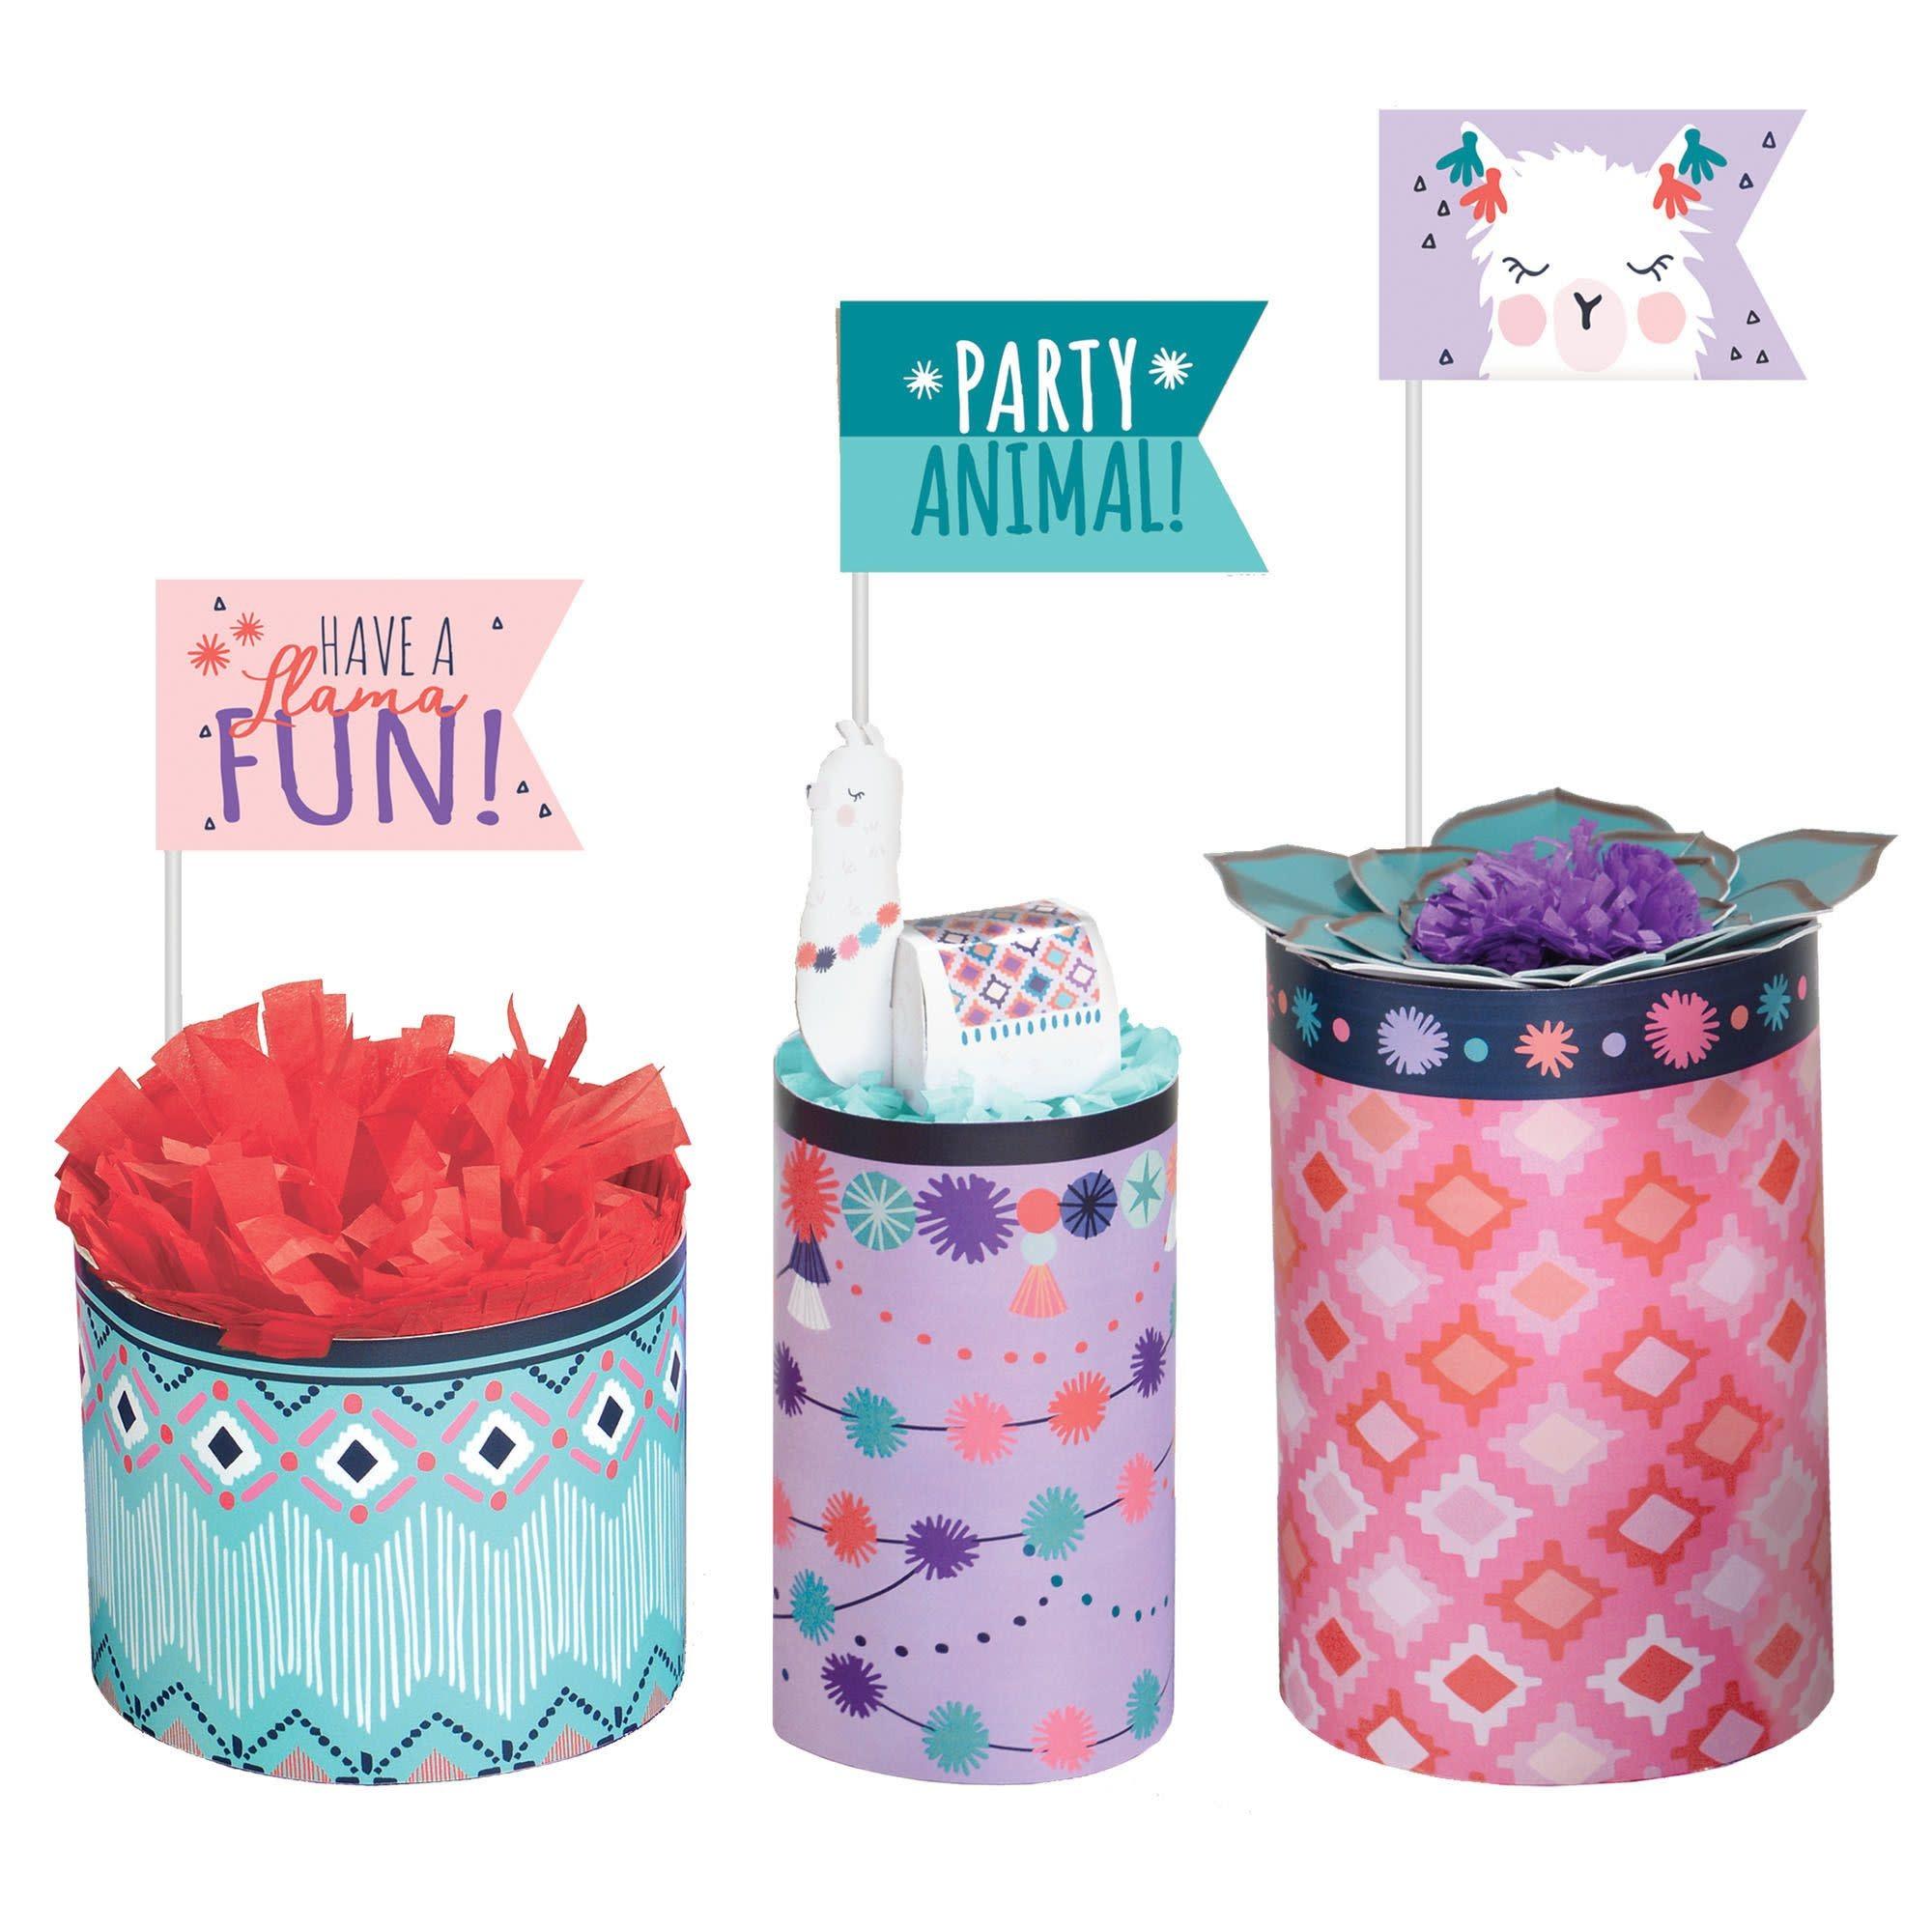 Llama Fun Centerpiece Decorating Kit